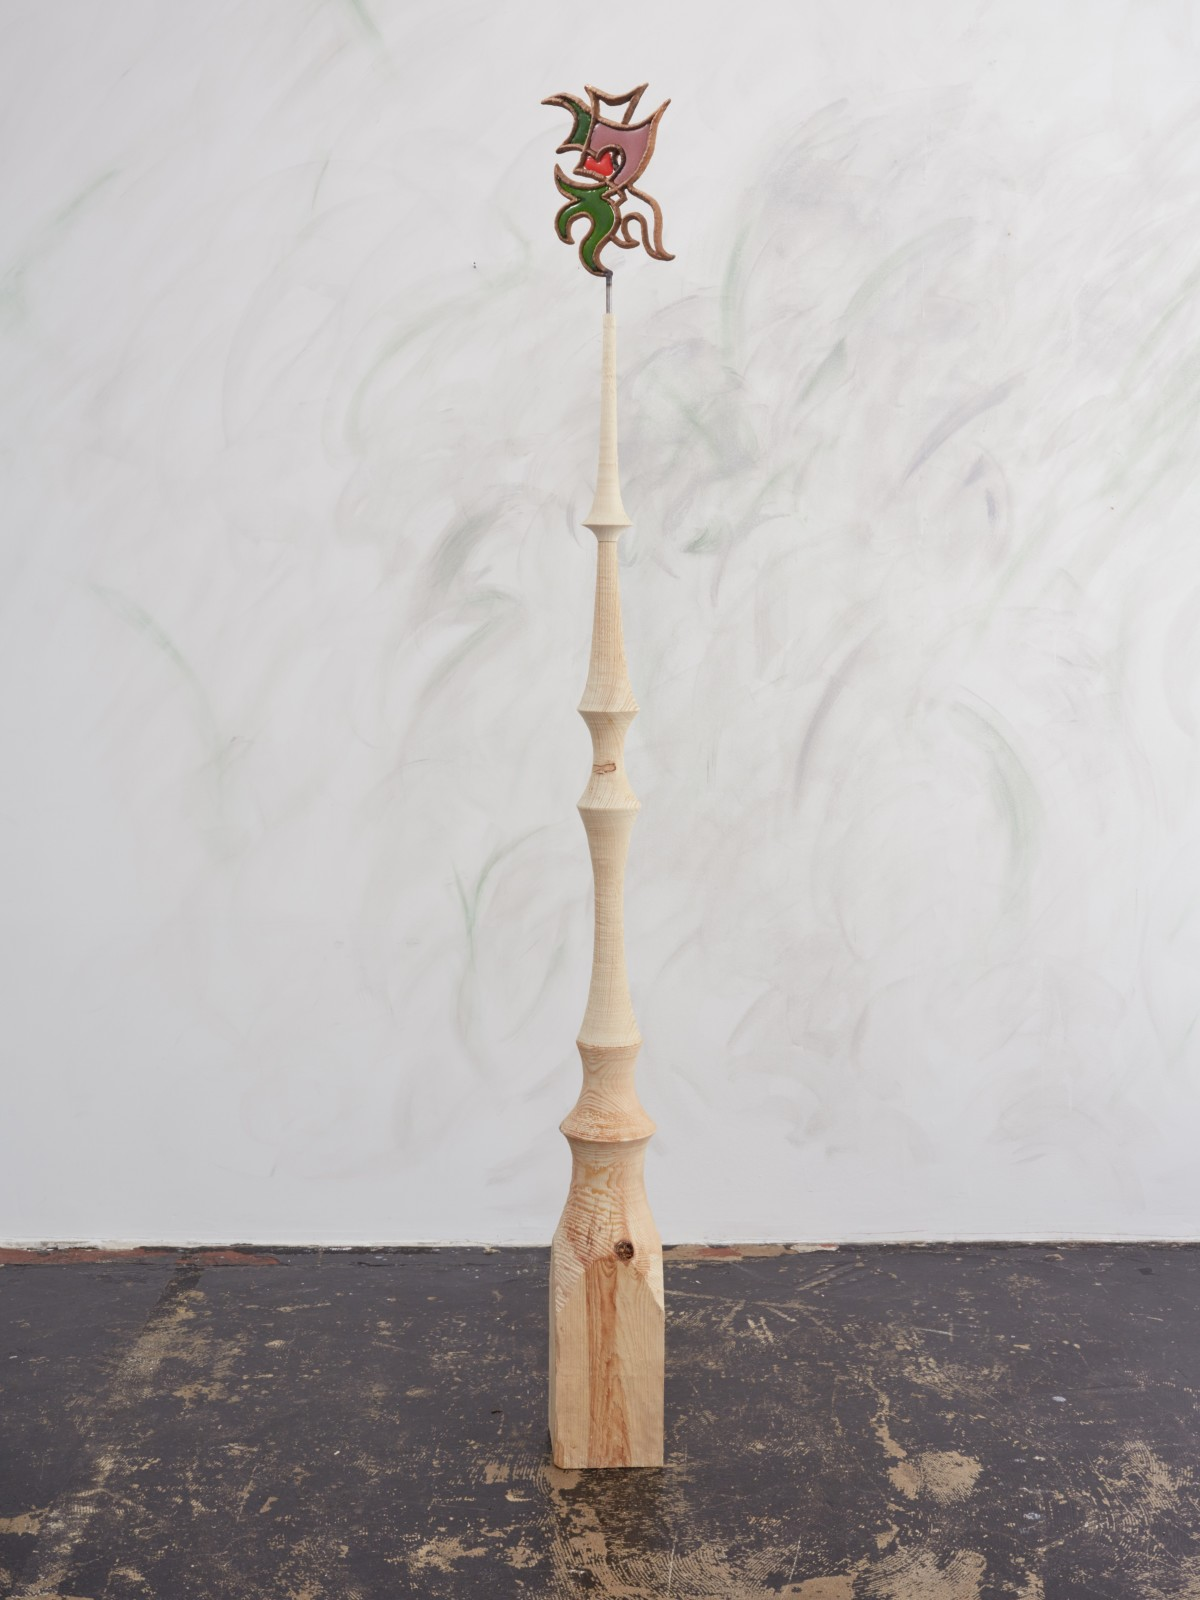 Emelie Sandström, Beast, 2016, Pinewood, bronze, glass, 74 x 7 x 6 in, 187 x 17 x 15 cm